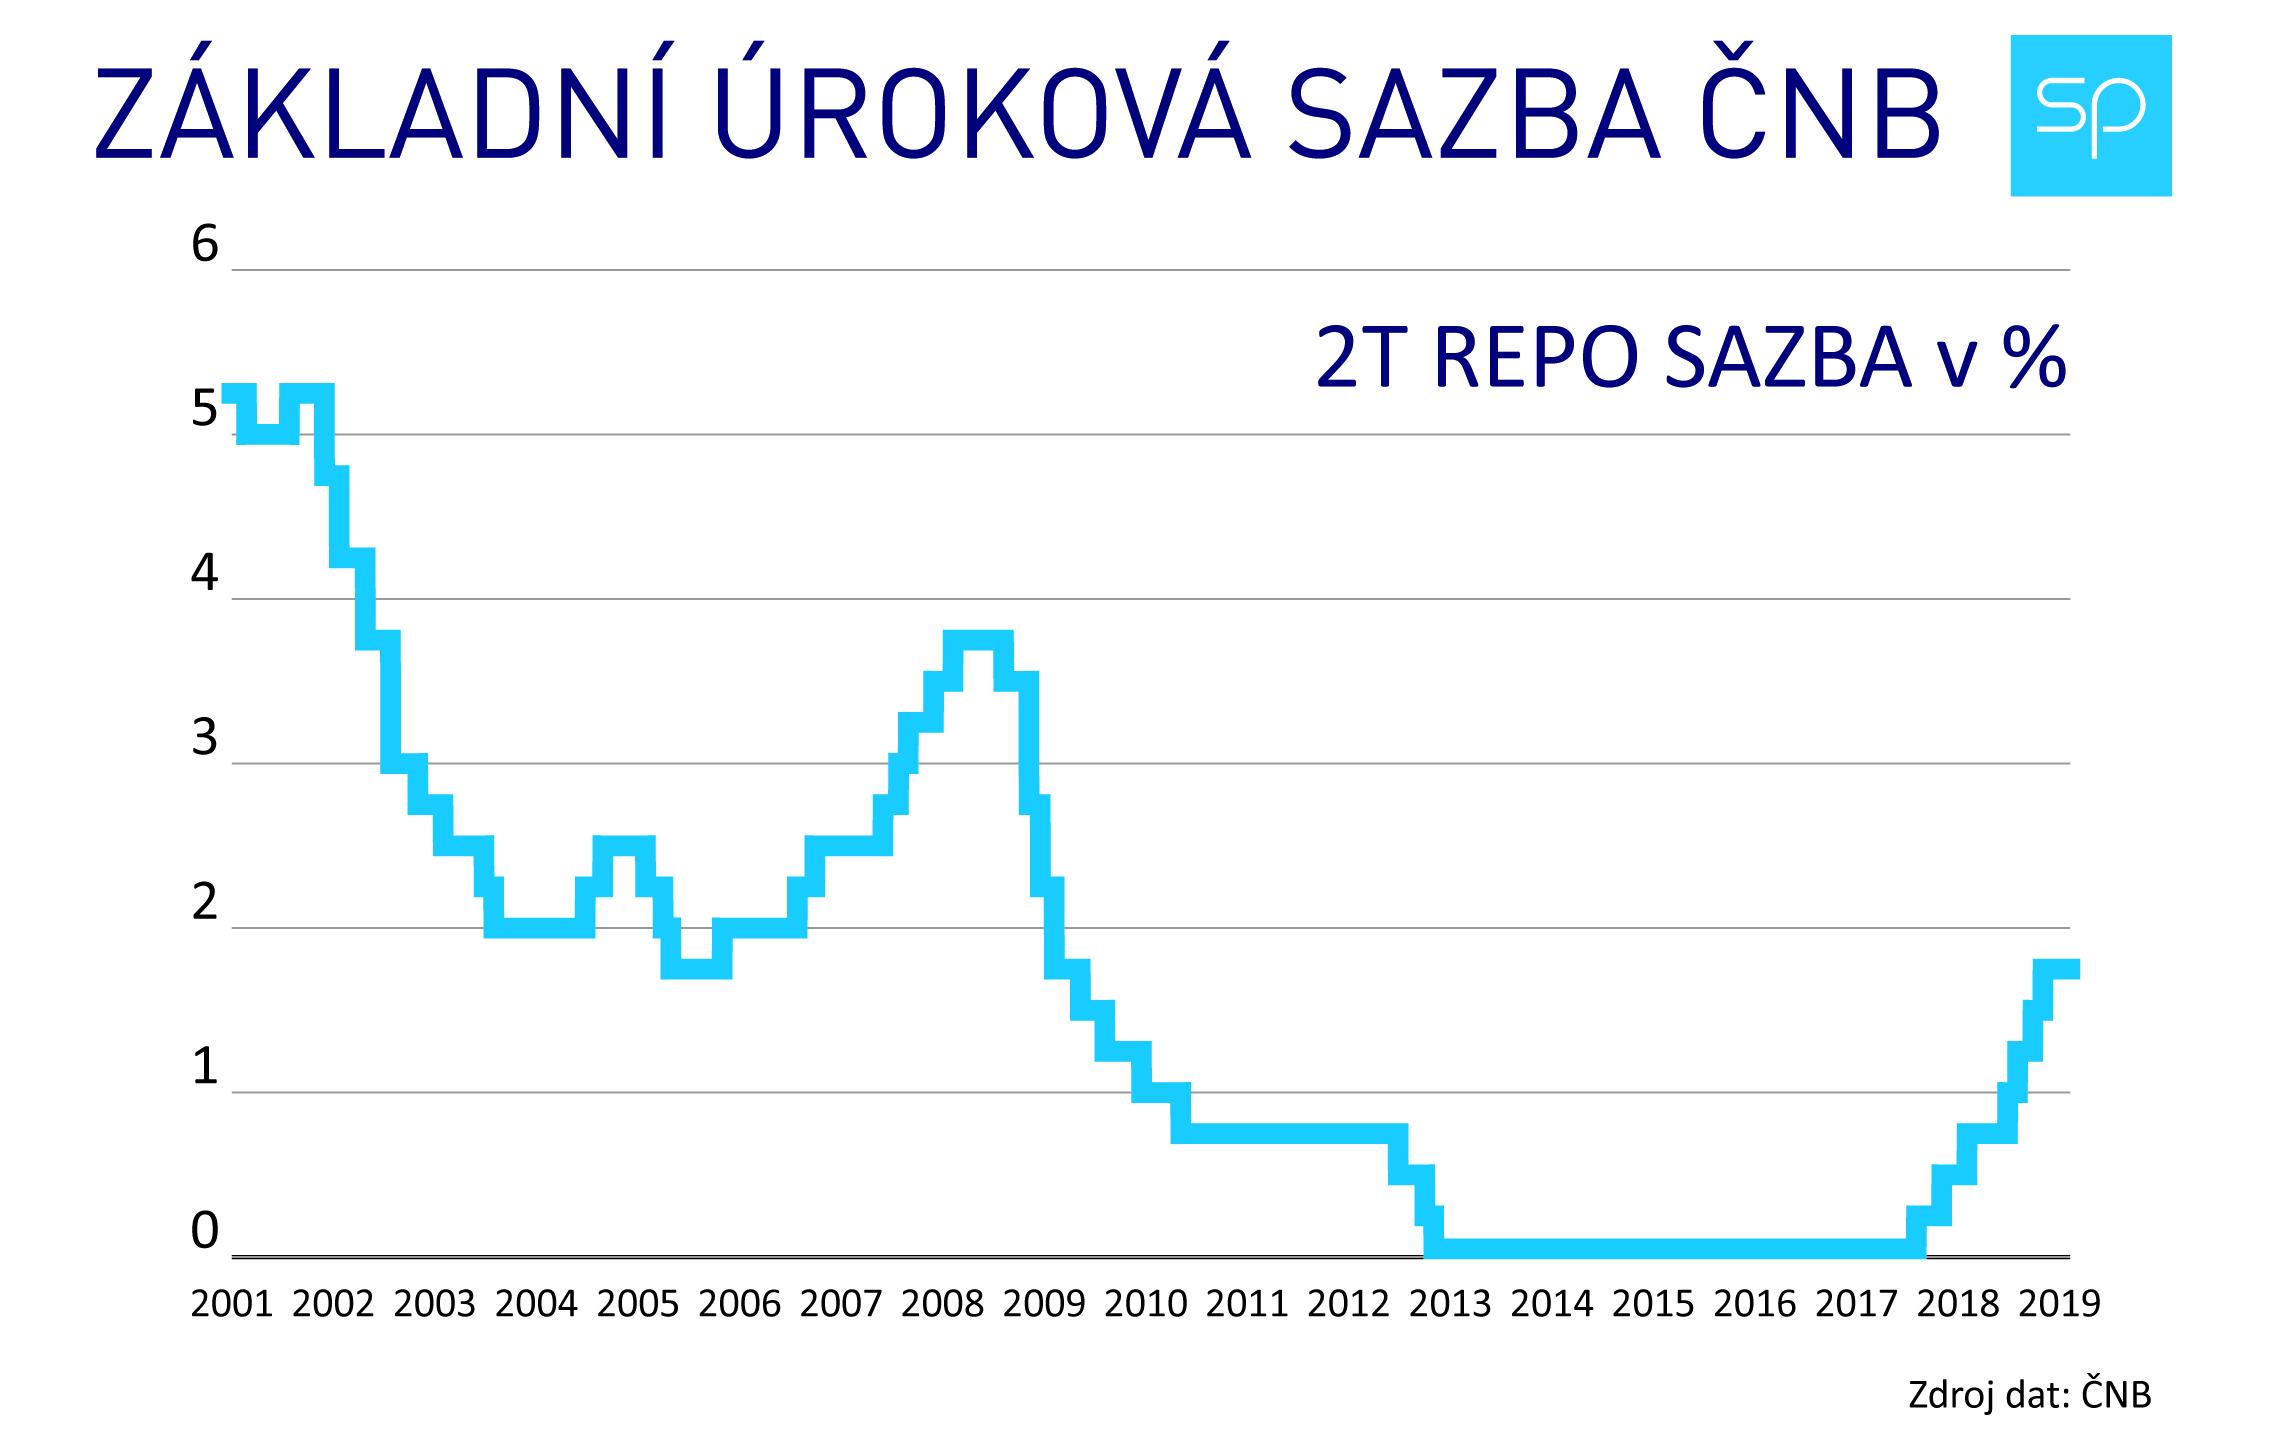 cnb repo2T od 2001-2019-01